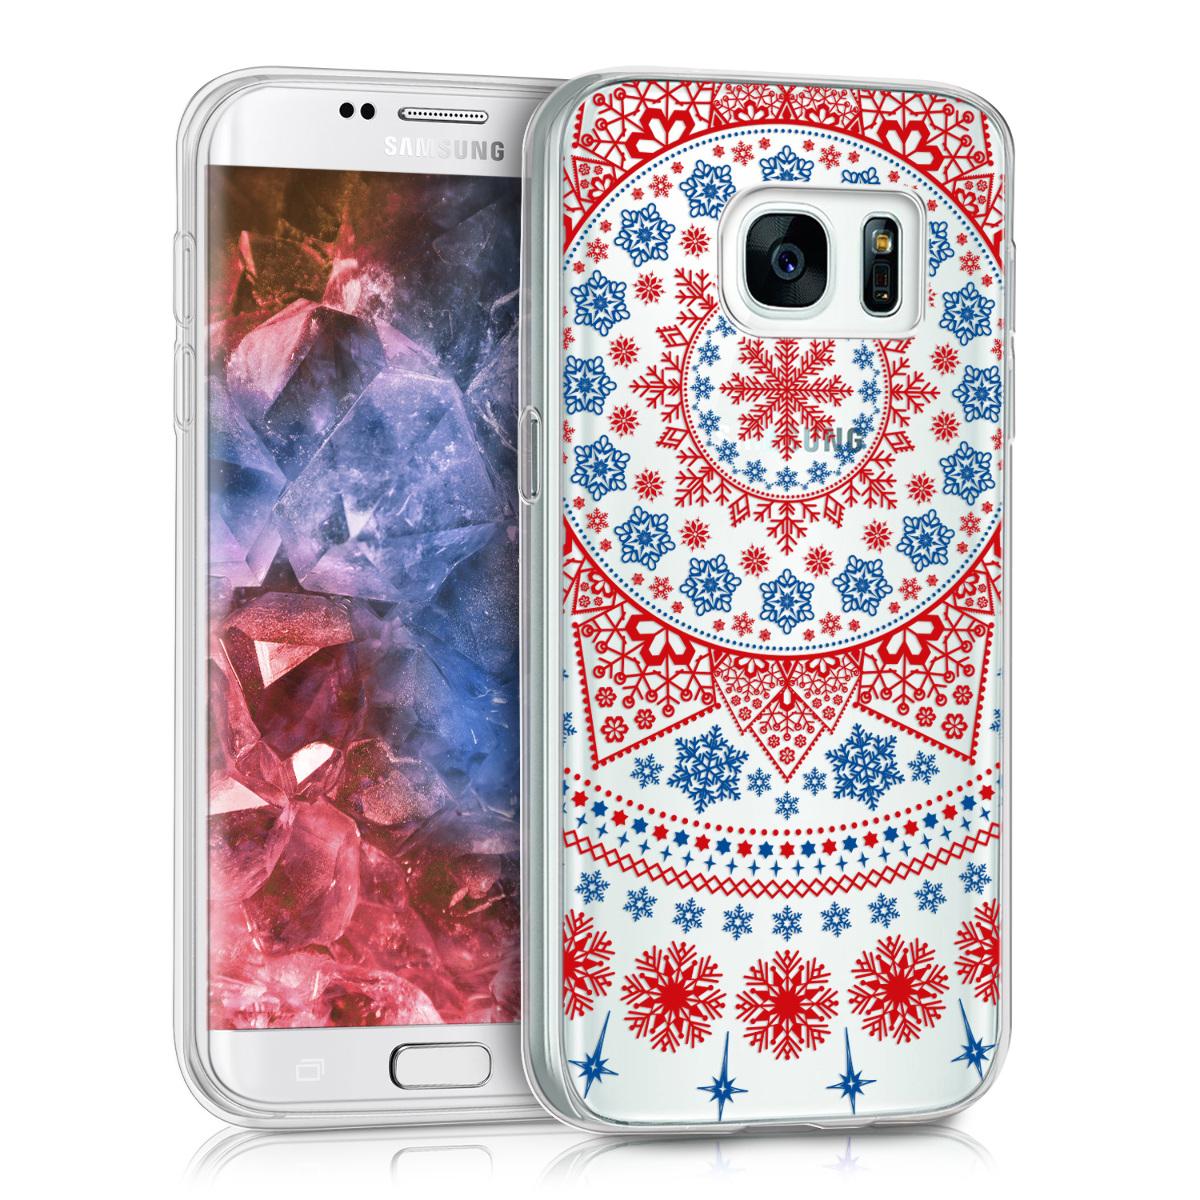 Kvalitní silikonové TPU pouzdro pro Samsung S7 - Arctic Snowflake červená / modré / průhledná